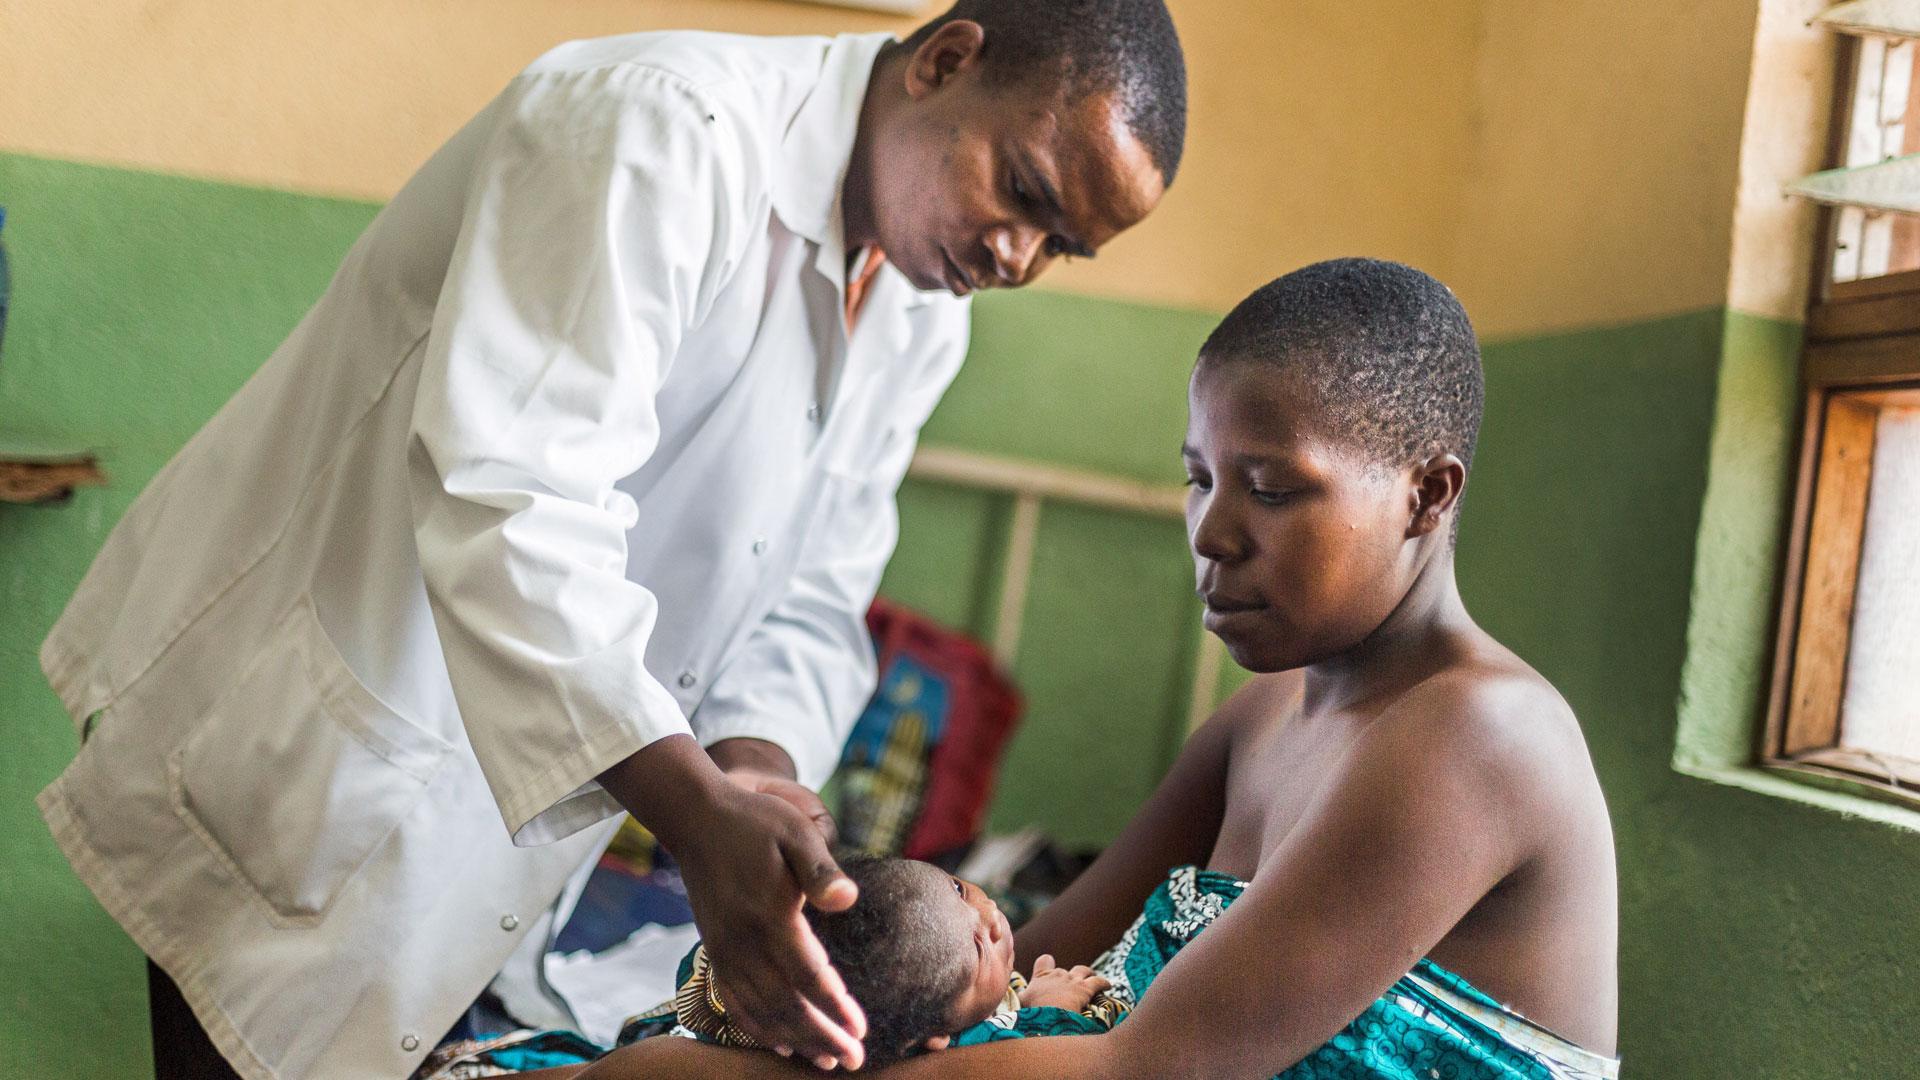 Eine Mutter ist mit ihrem Baby zum Arzt gekommen, der das Kind nun untersucht.